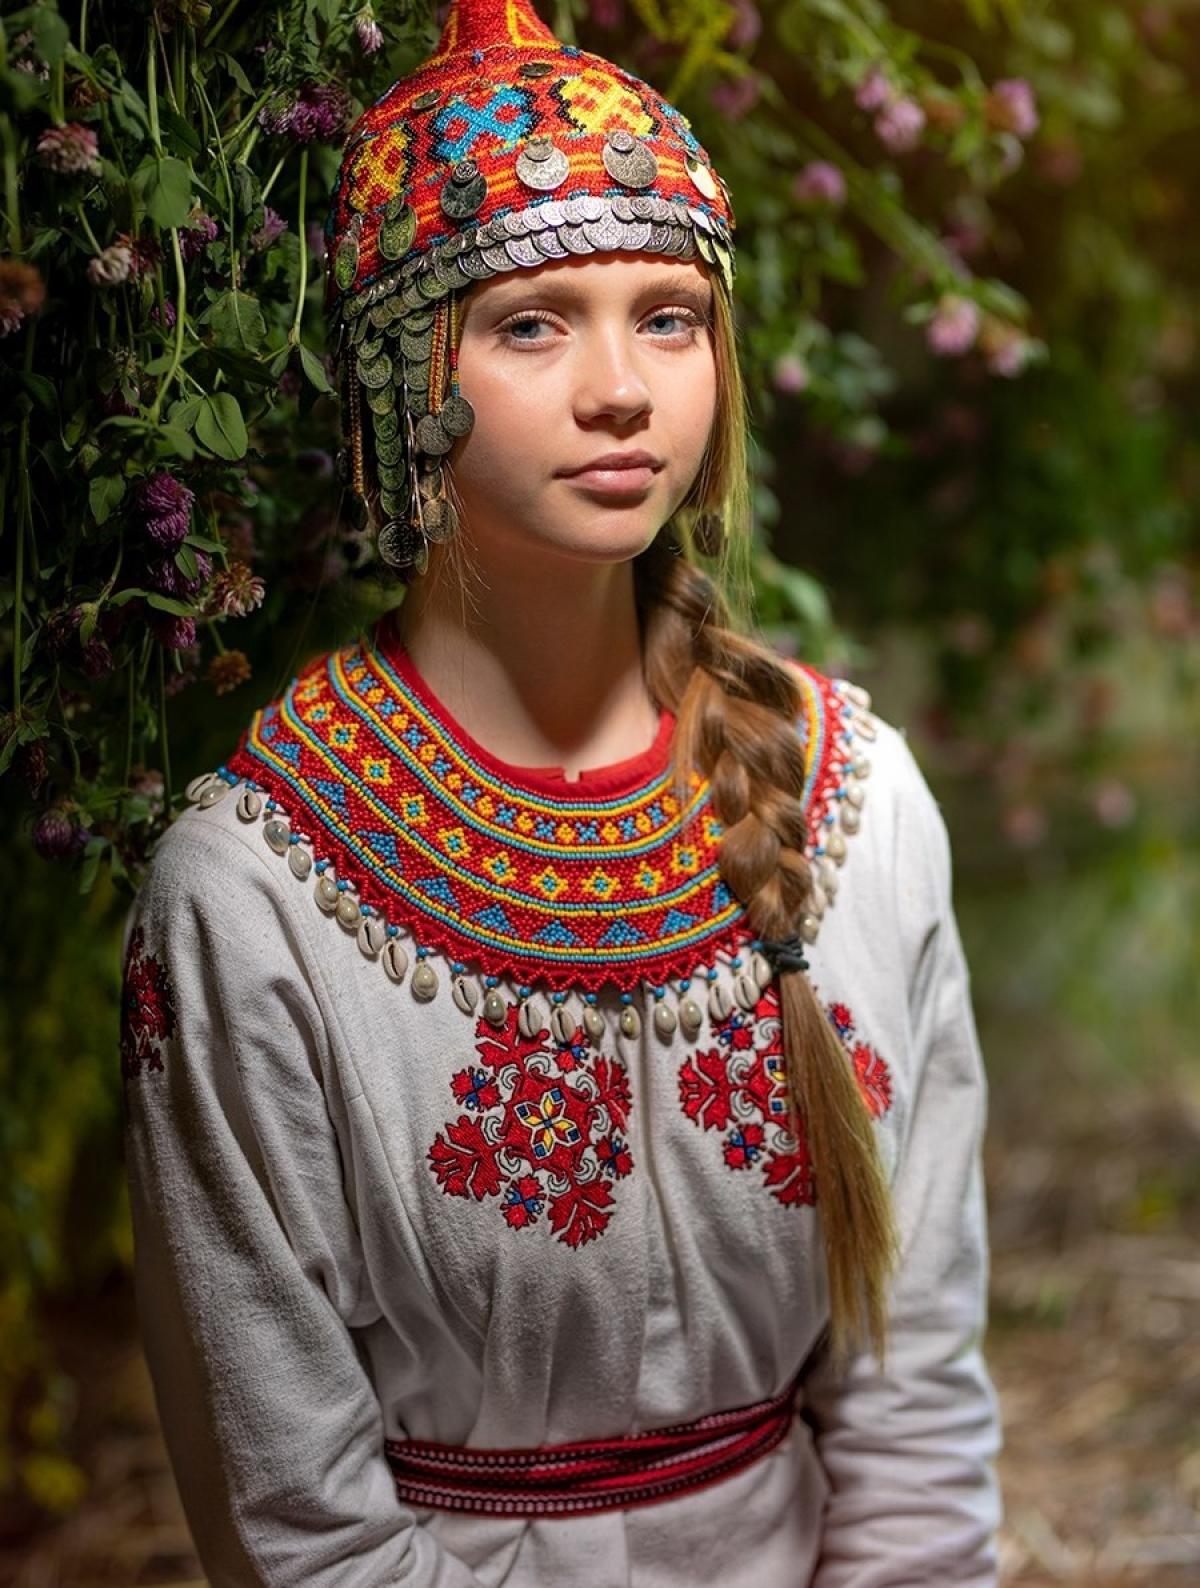 Cô gái trẻ tóc vàng đến từ vùng dân tộc Chuvashia. Cô giống người thuộc dân tộc Nga.